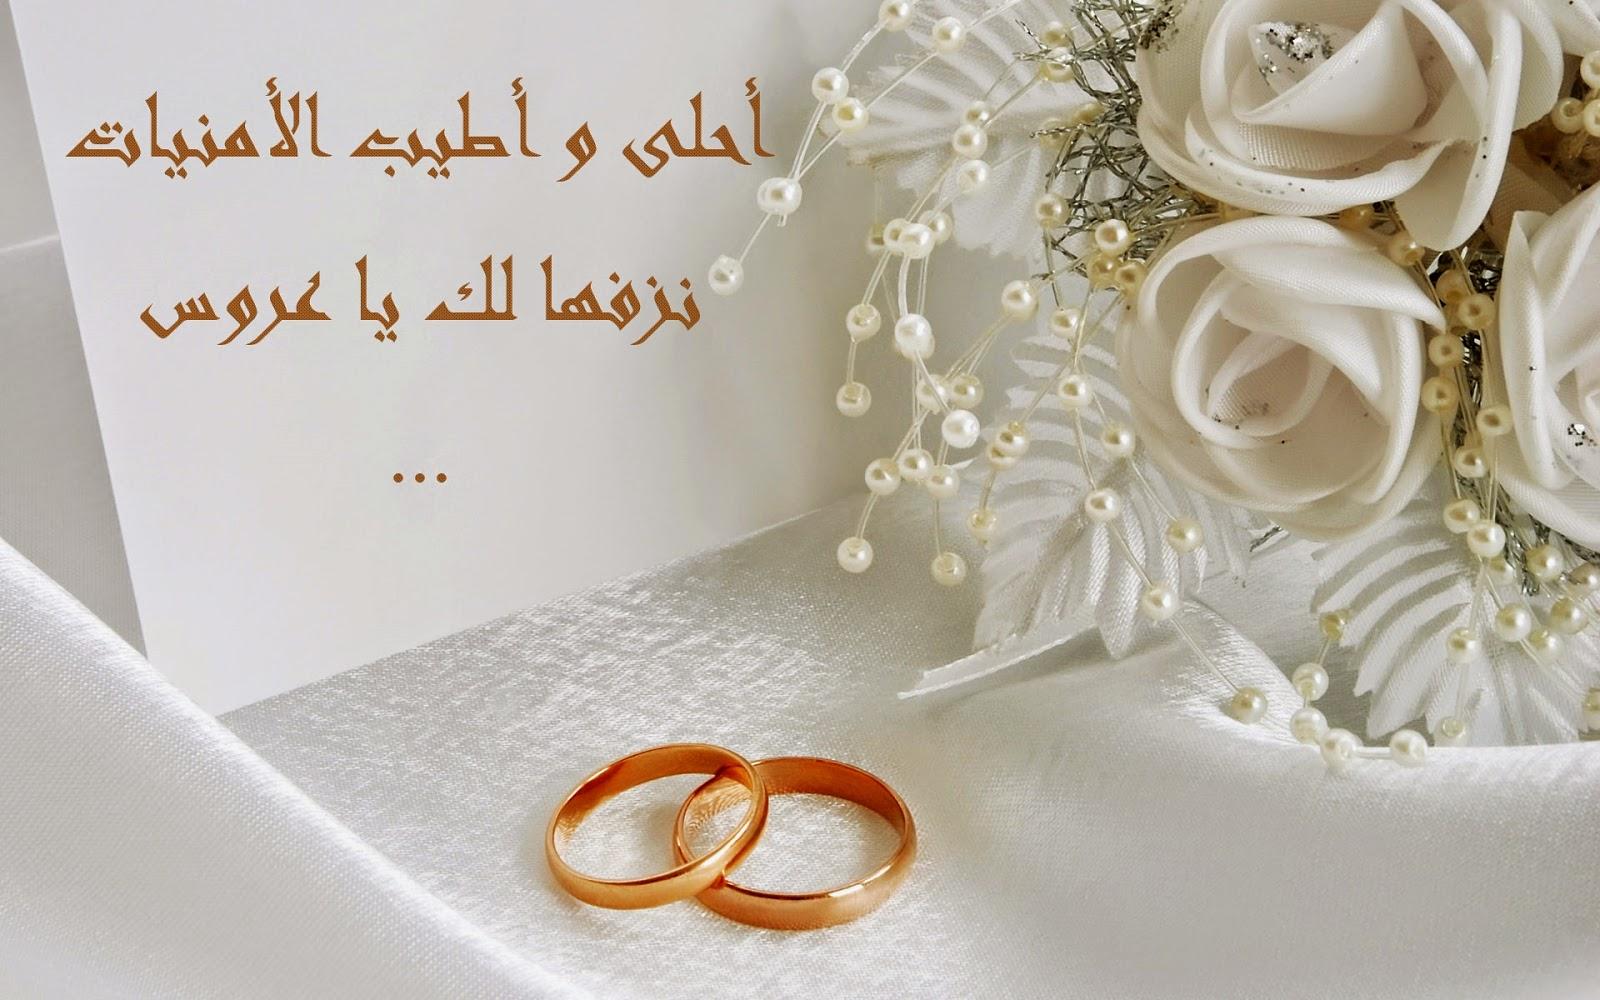 بالصور كلمات تهنئة بالزواج , بالصور احلى كلمات تهنئه بالزواج 249 2